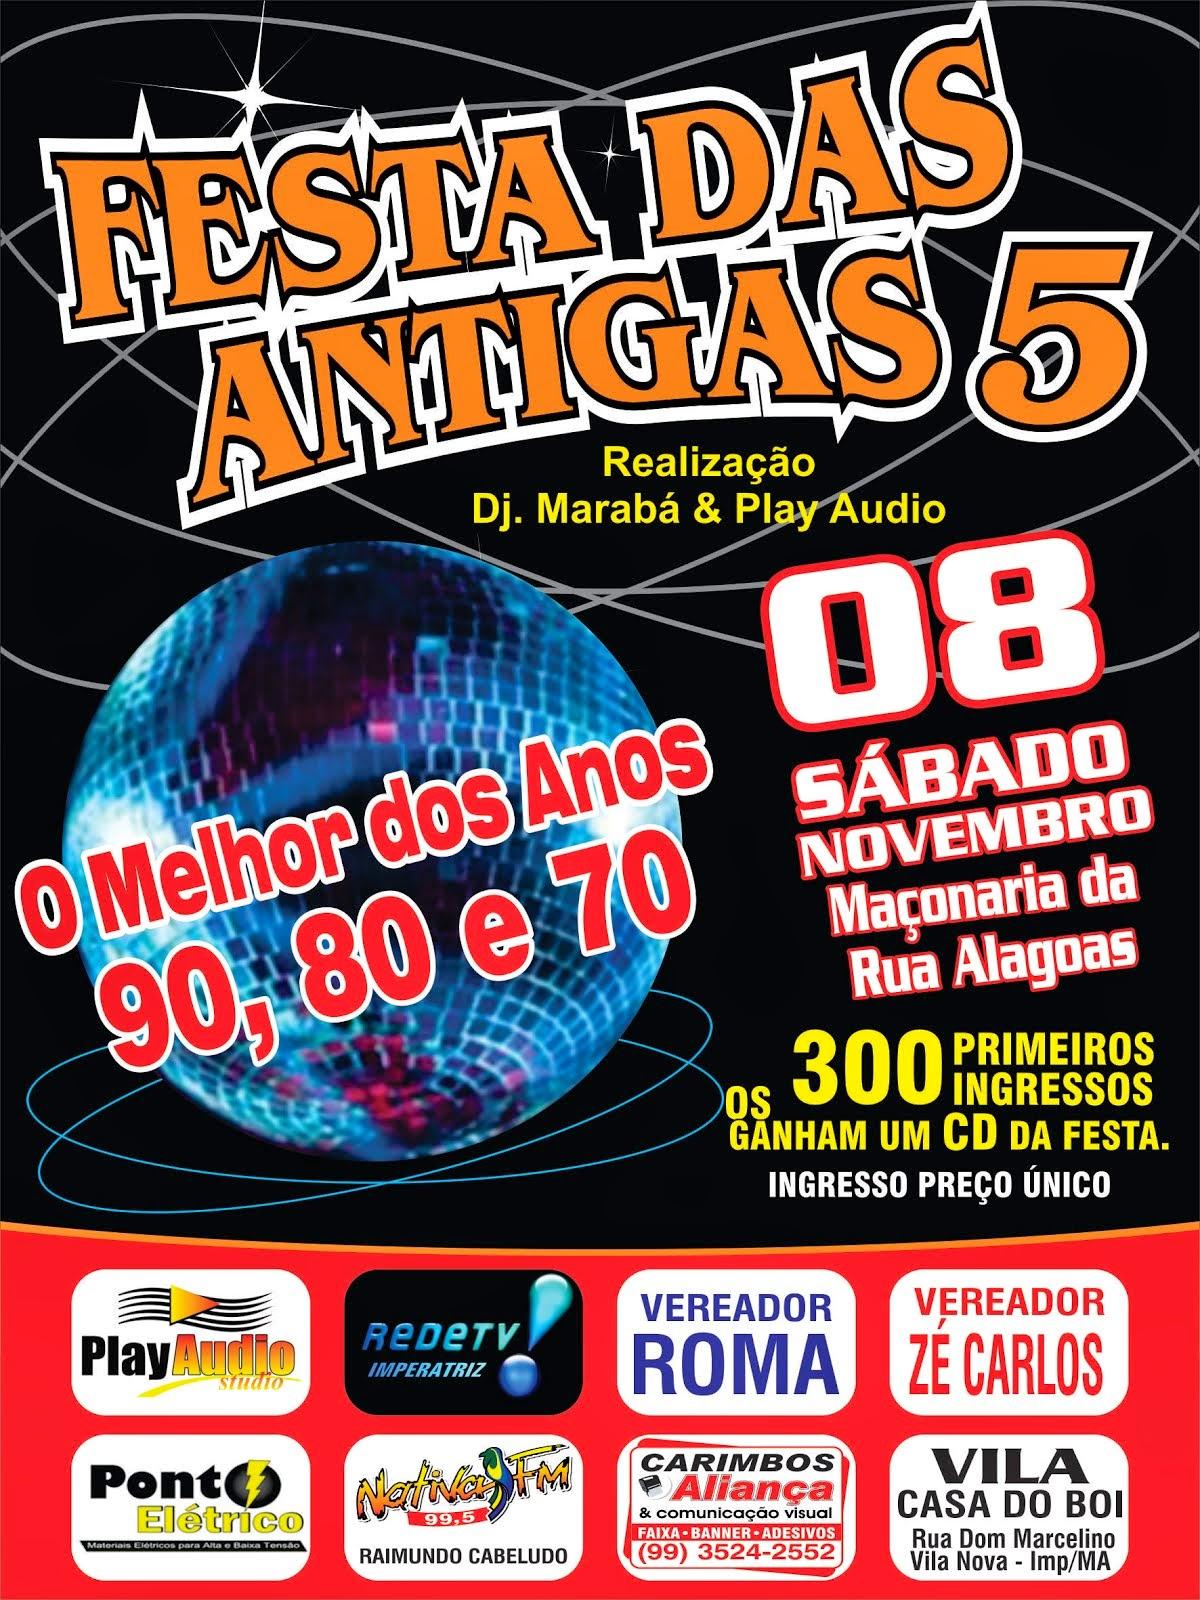 FESTA DAS ANTIGAS 5